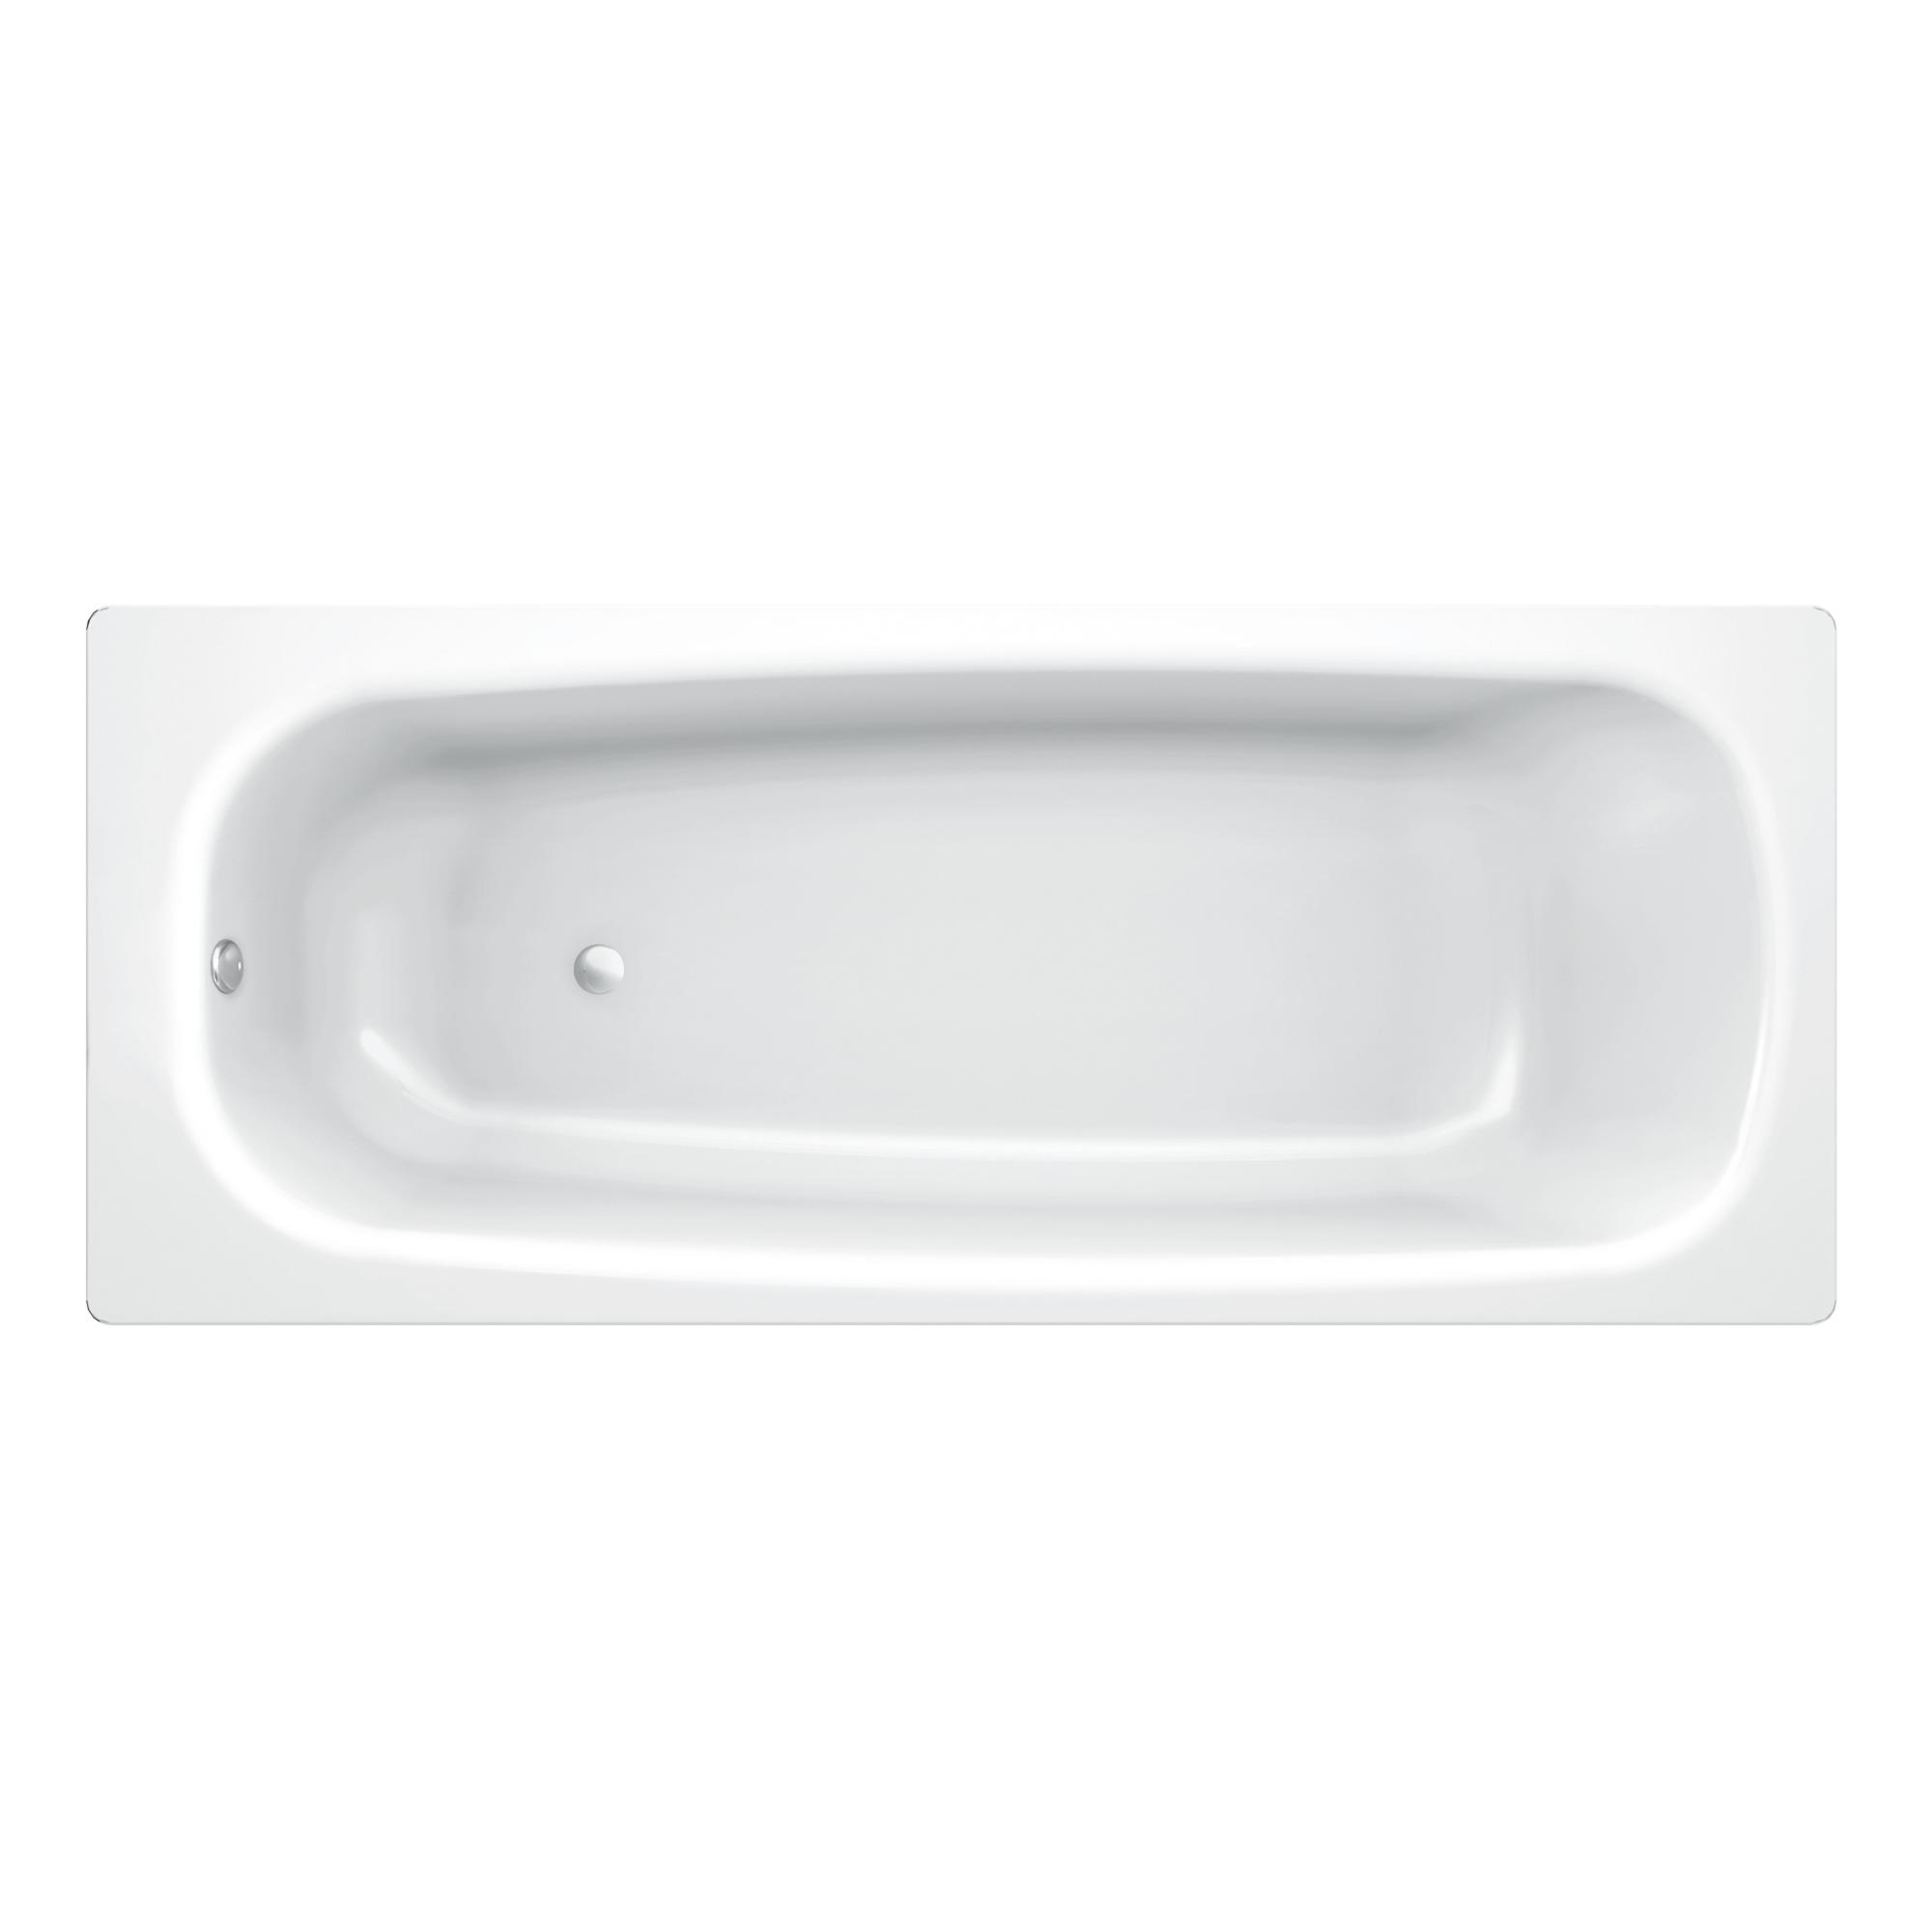 Стальная ванна Koller Pool Universal 170x75 с anti-slip ванна стальная виз antika 170x70x40 с ножками с рантом a 70001